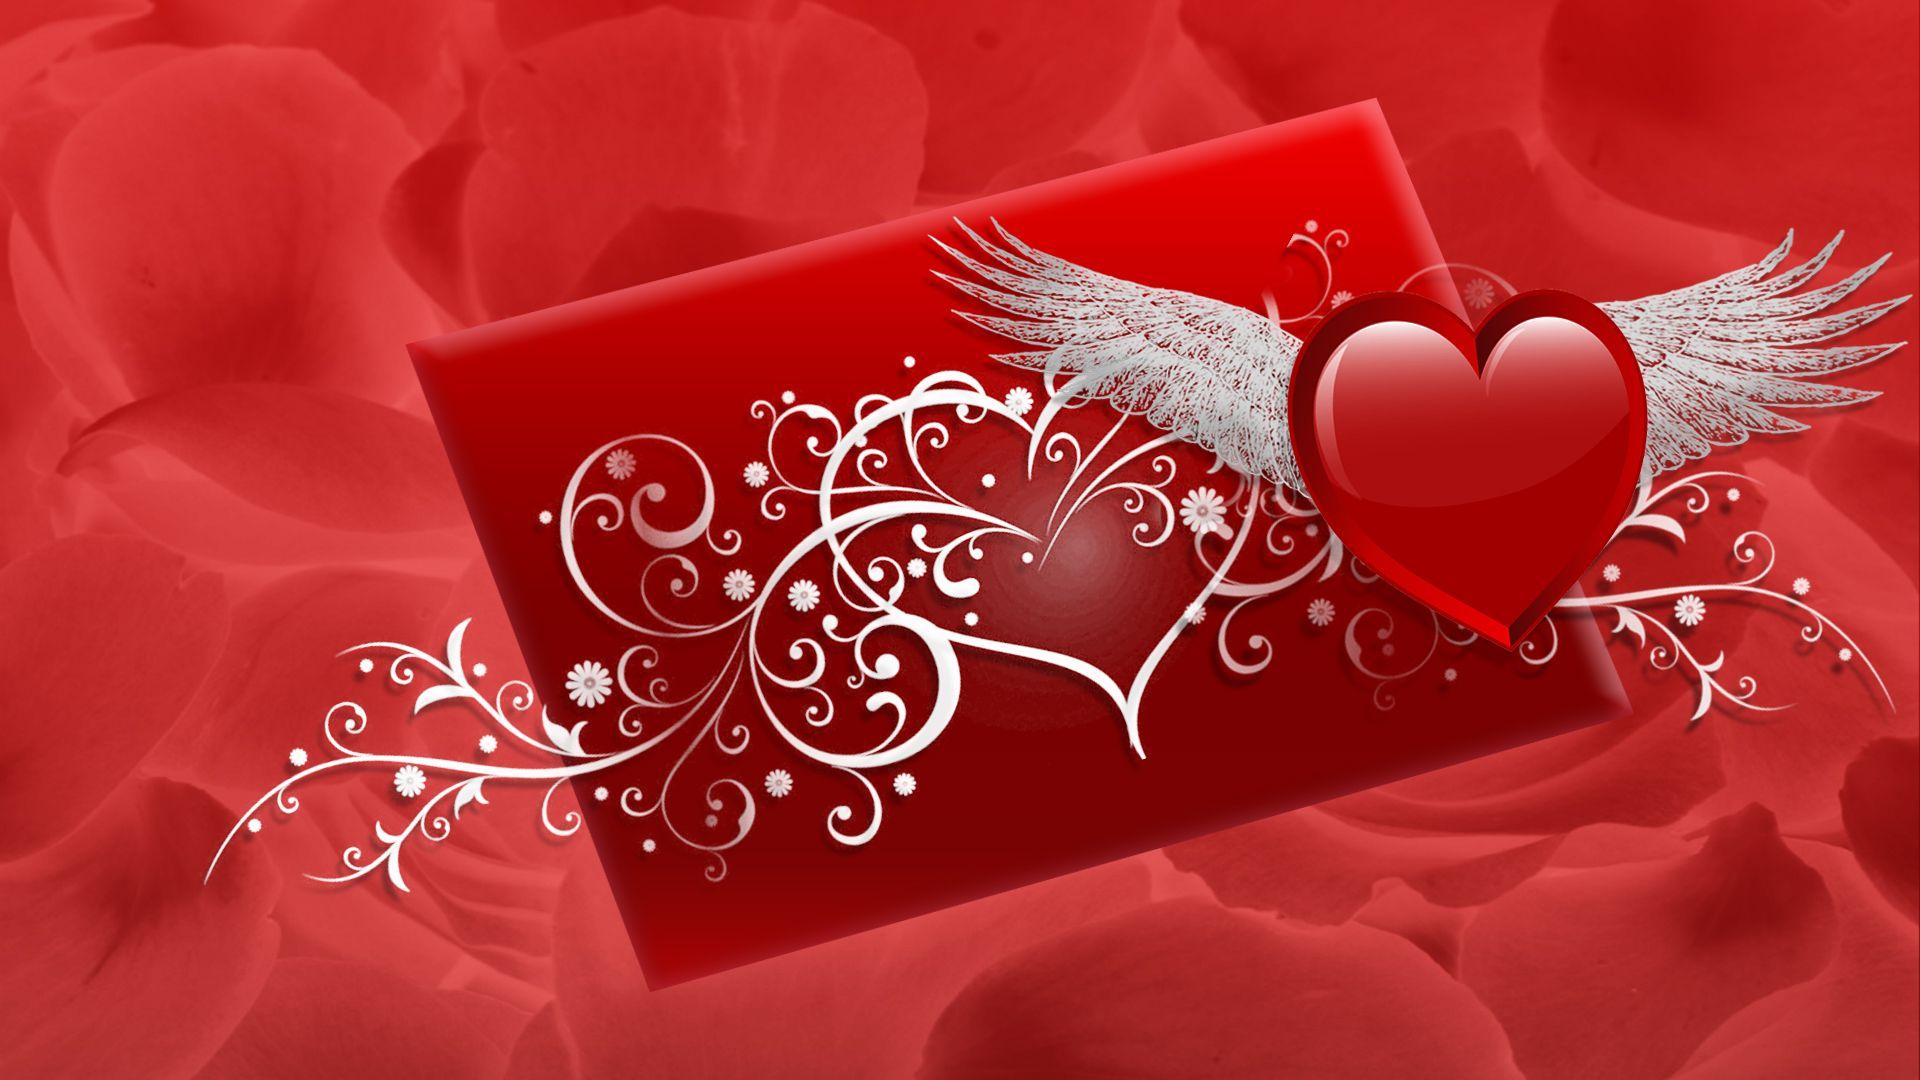 Valentines Day Wallpaper Valentine Wallpaper Free Valentine